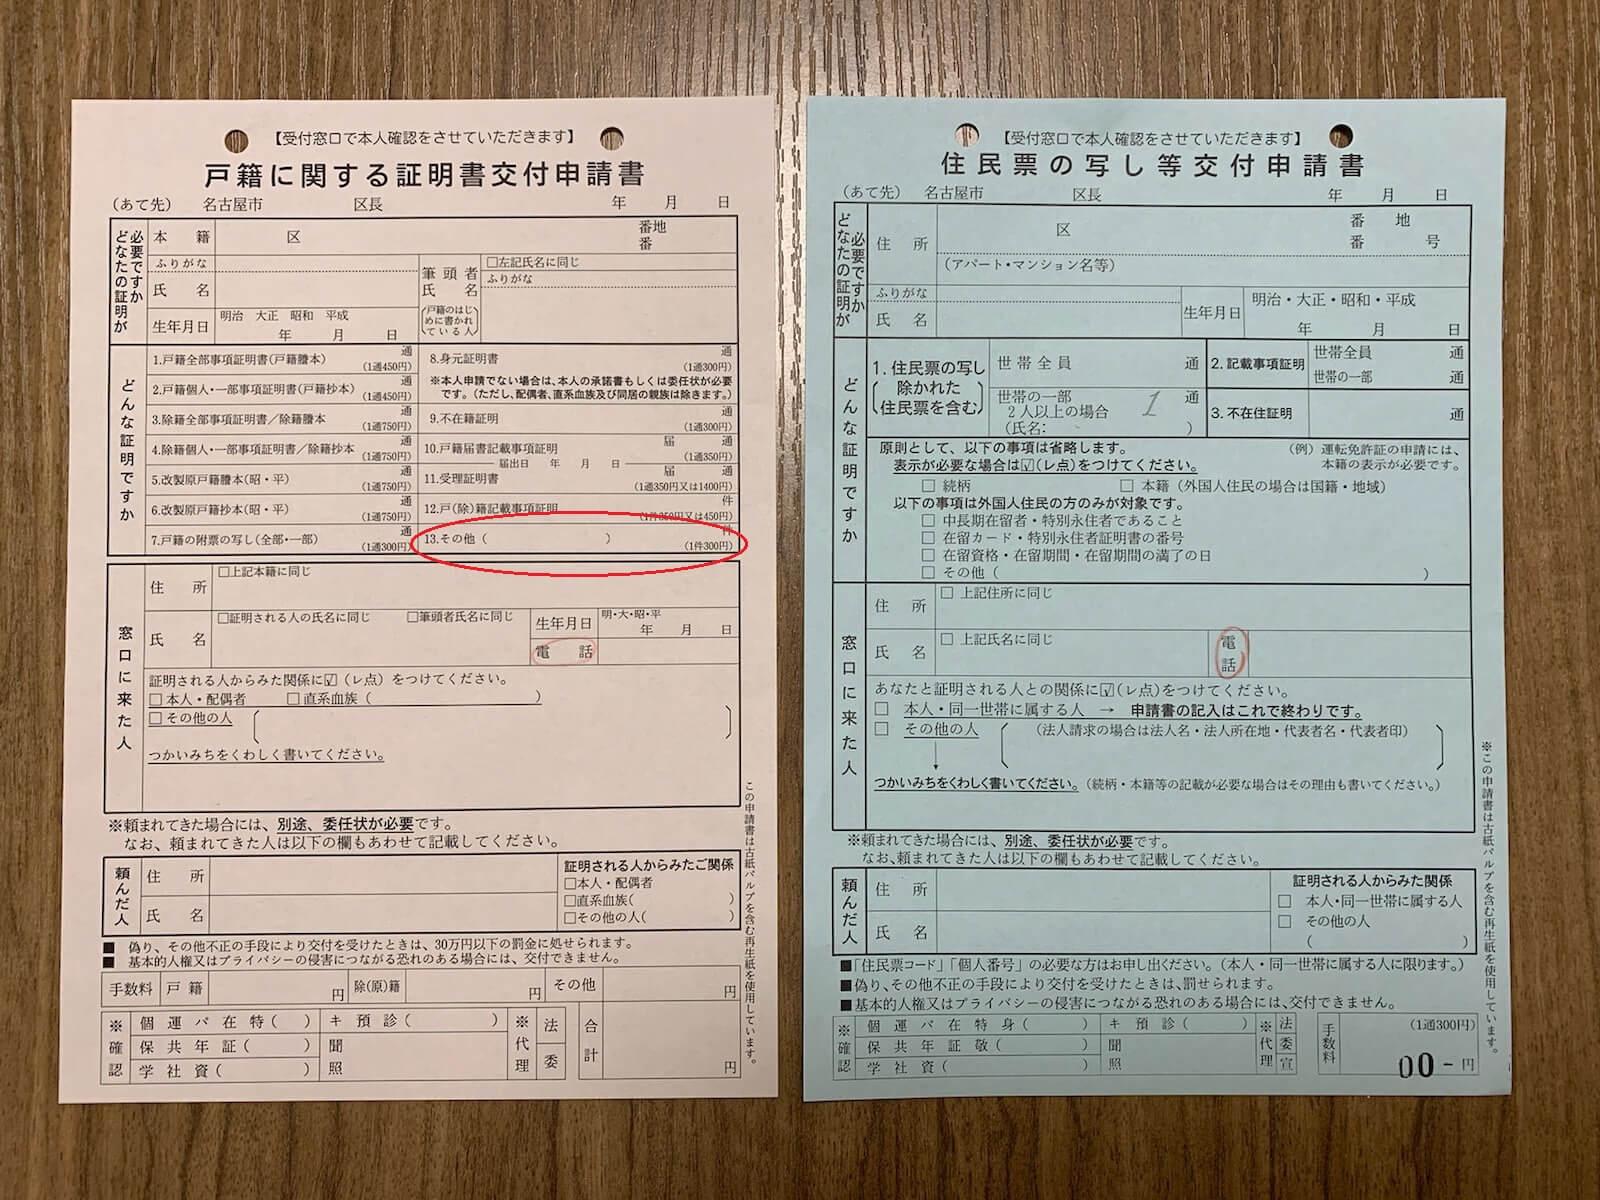 独身証明書をもらう申請書の書き方